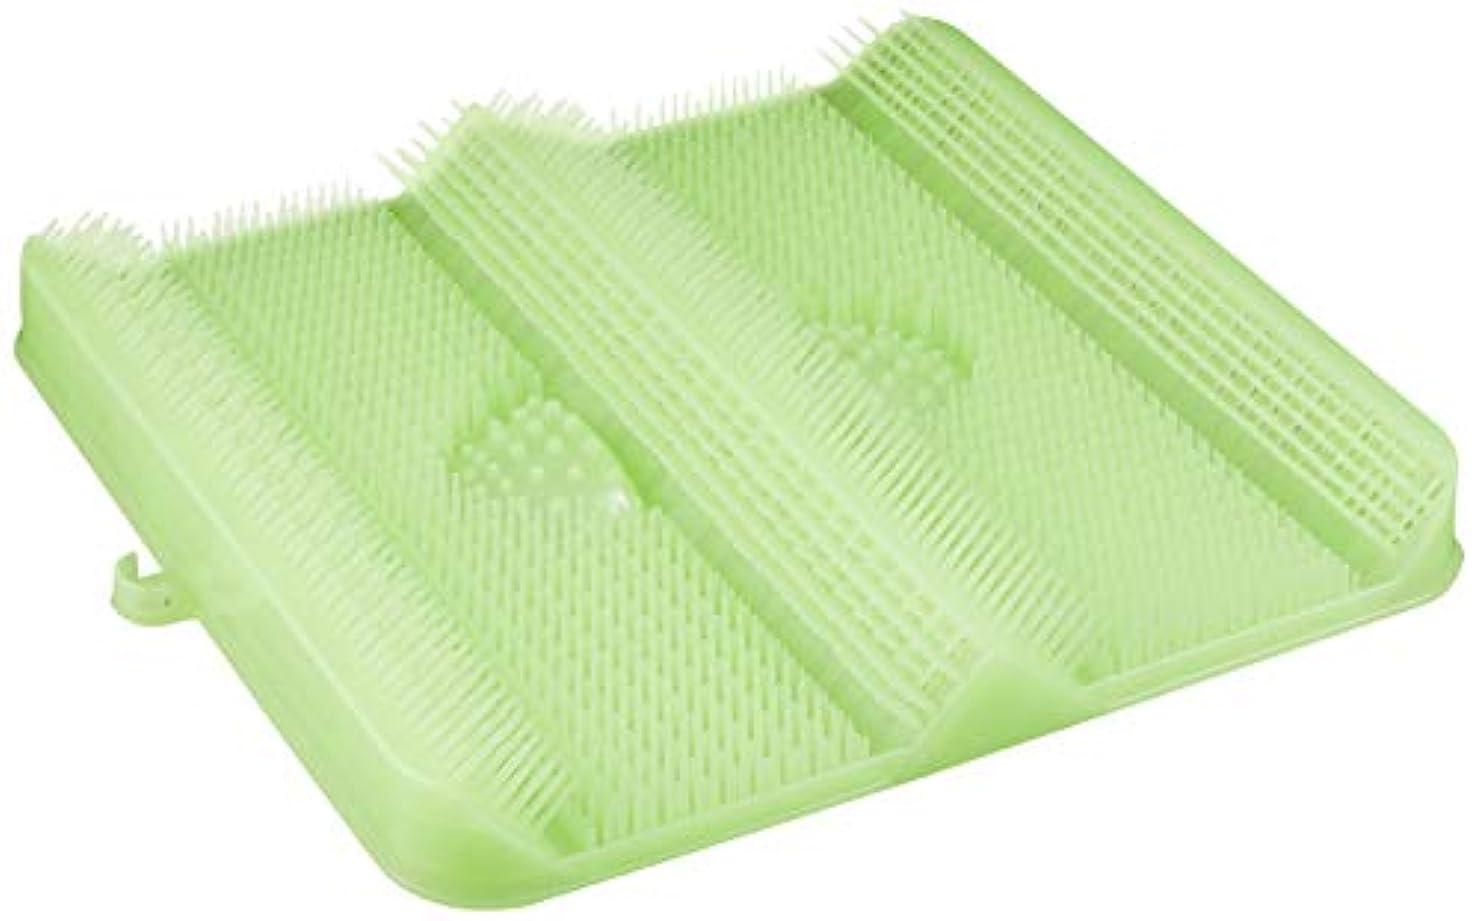 アリ拍車期限ごしごし洗える!足洗いマット お風呂でスッキリ 足裏洗ったことありますか? HB-2815?グリーン